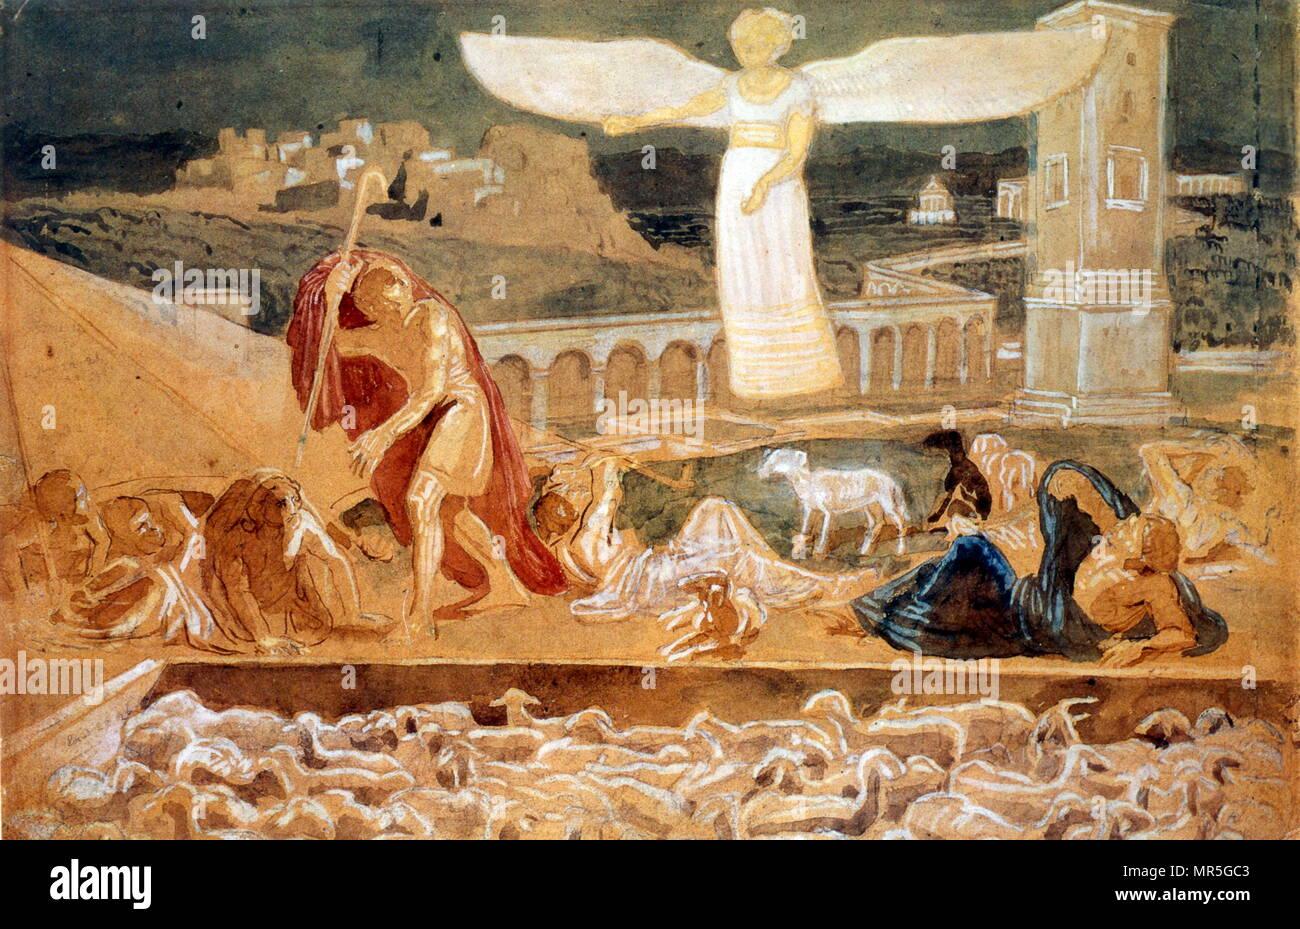 La aparición de un ángel anunciando el nacimiento de Cristo. pintura al óleo sobre lienzo por el pintor ruso Alexander Andreyevich Ivanov (1806-1858); . Imagen De Stock